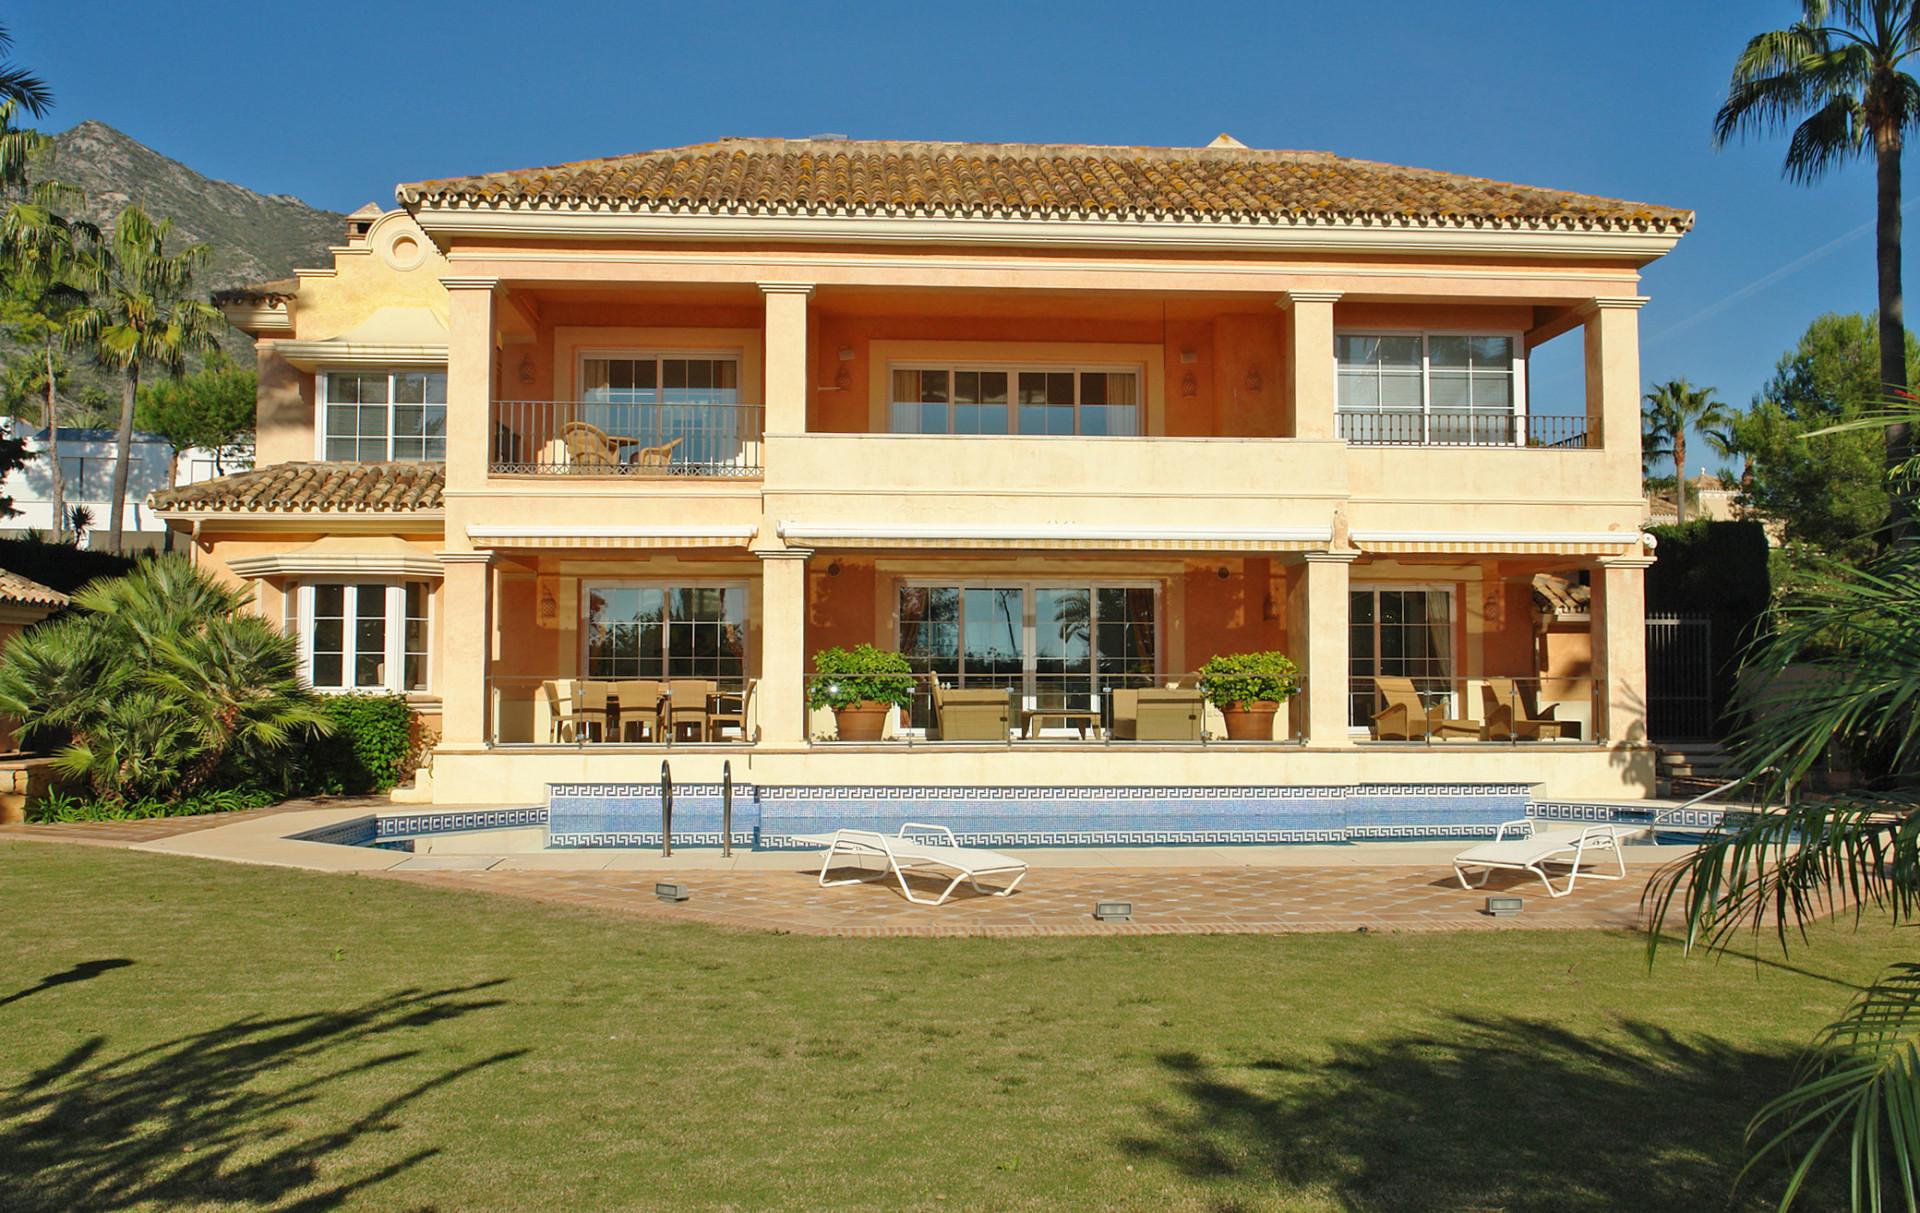 ARFV1579 - Luxusvilla zum Verkauf in der Sierra Blanca in Marbella mit Meerblick